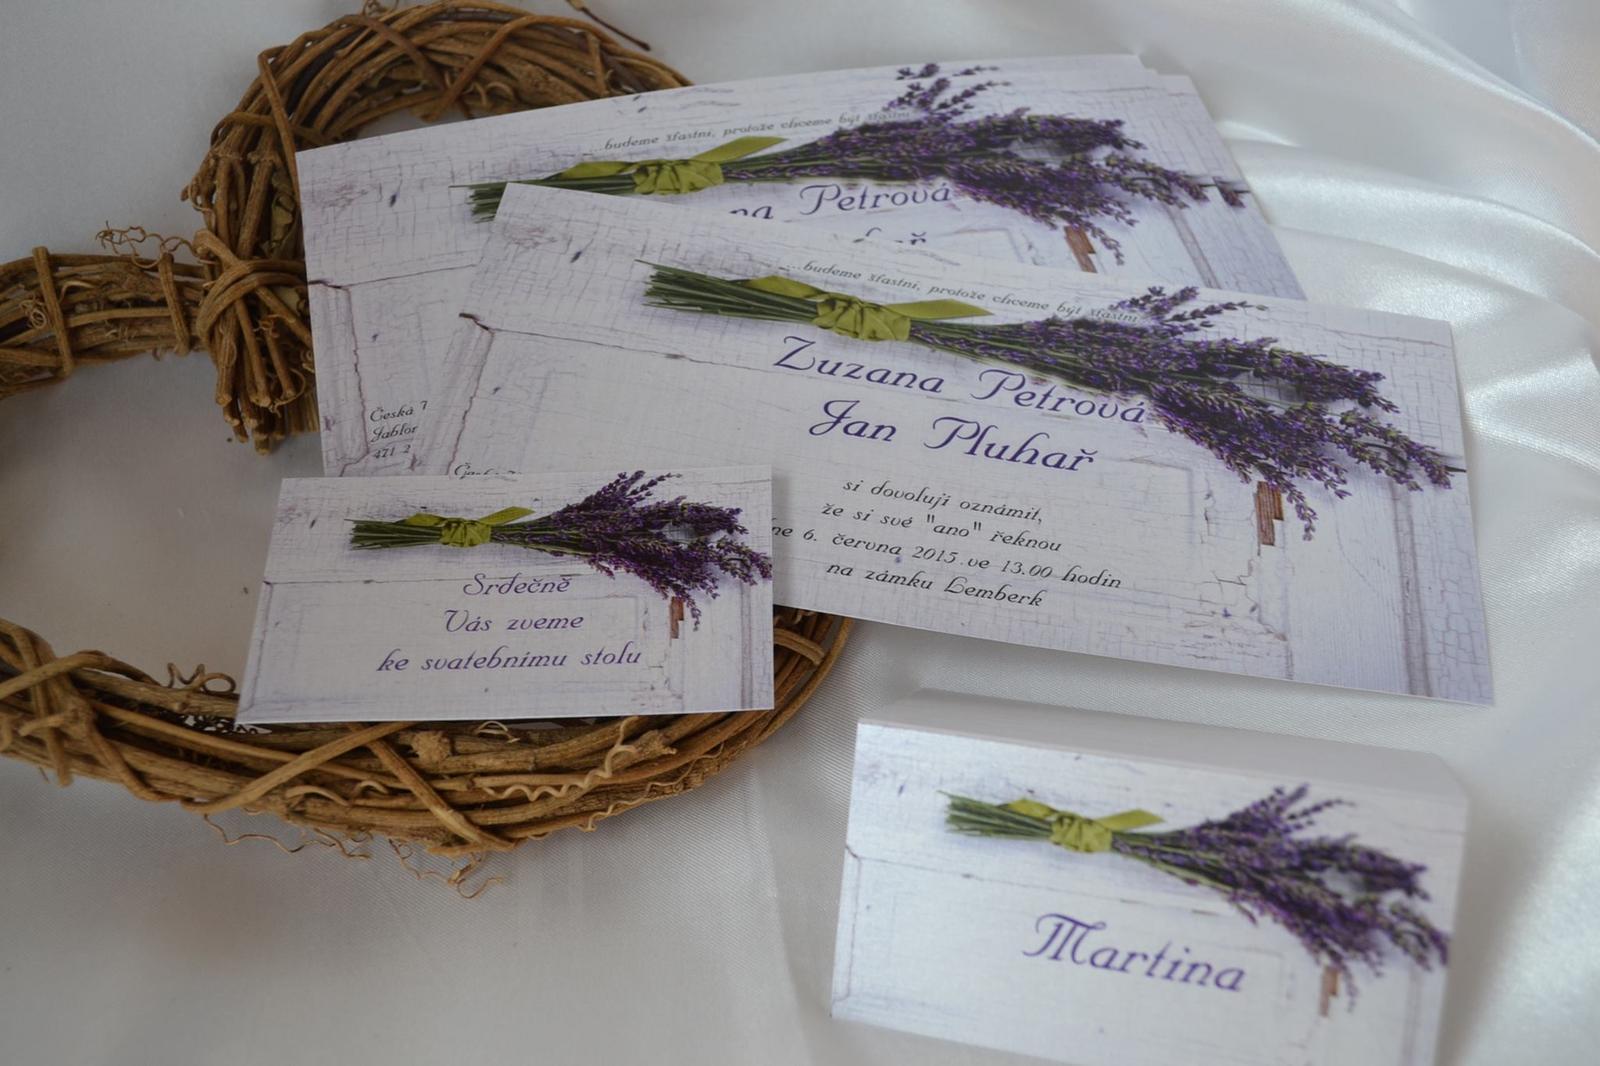 Nejkrásnější svatba - Svatební oznámení a tiskoviny tyhle vznikly na míru a přání nevěsty...